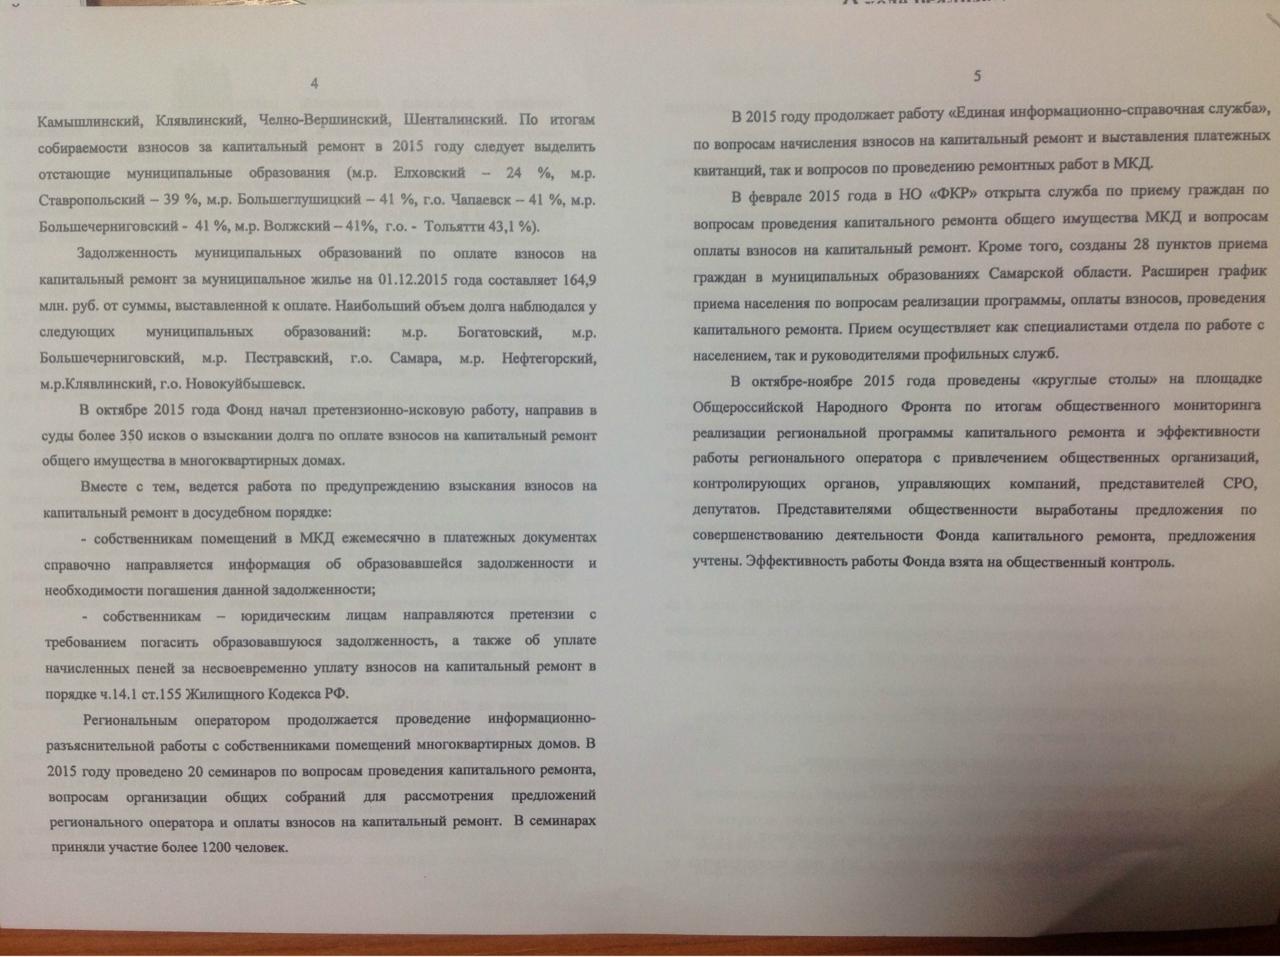 Отчет Фонда капремонта Самарской области документ Блог Михаила  image 19 01 16 10 20 1 jpeg